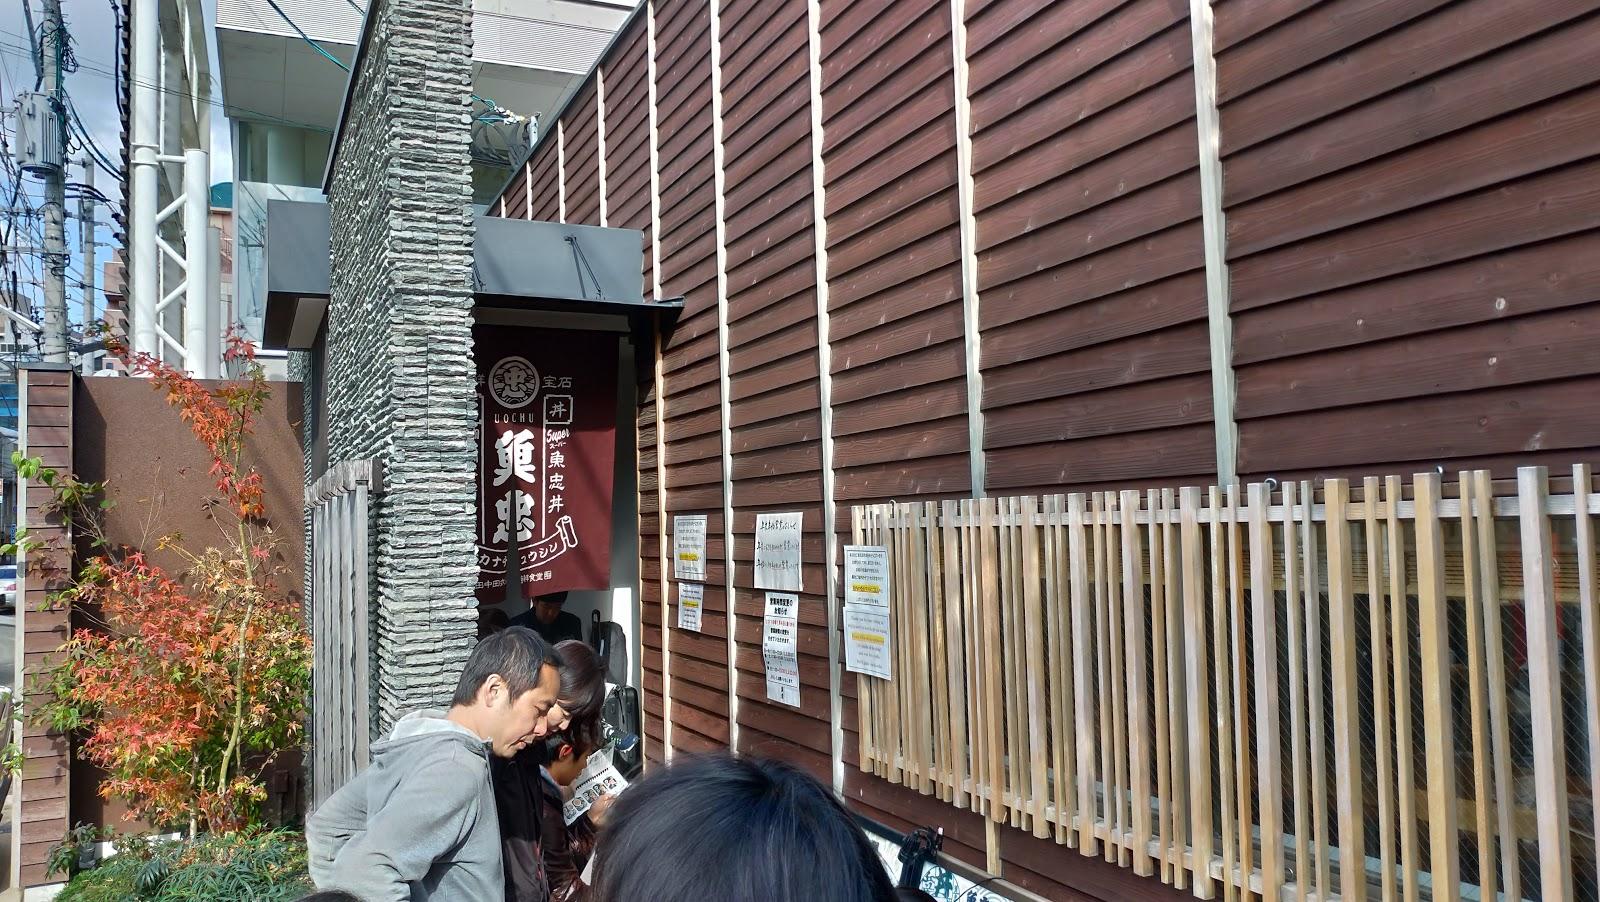 行列【福岡グルメ】福岡市今泉 魚忠でうに、いくら、まぐろの魚忠丼ランチがおすすめです!